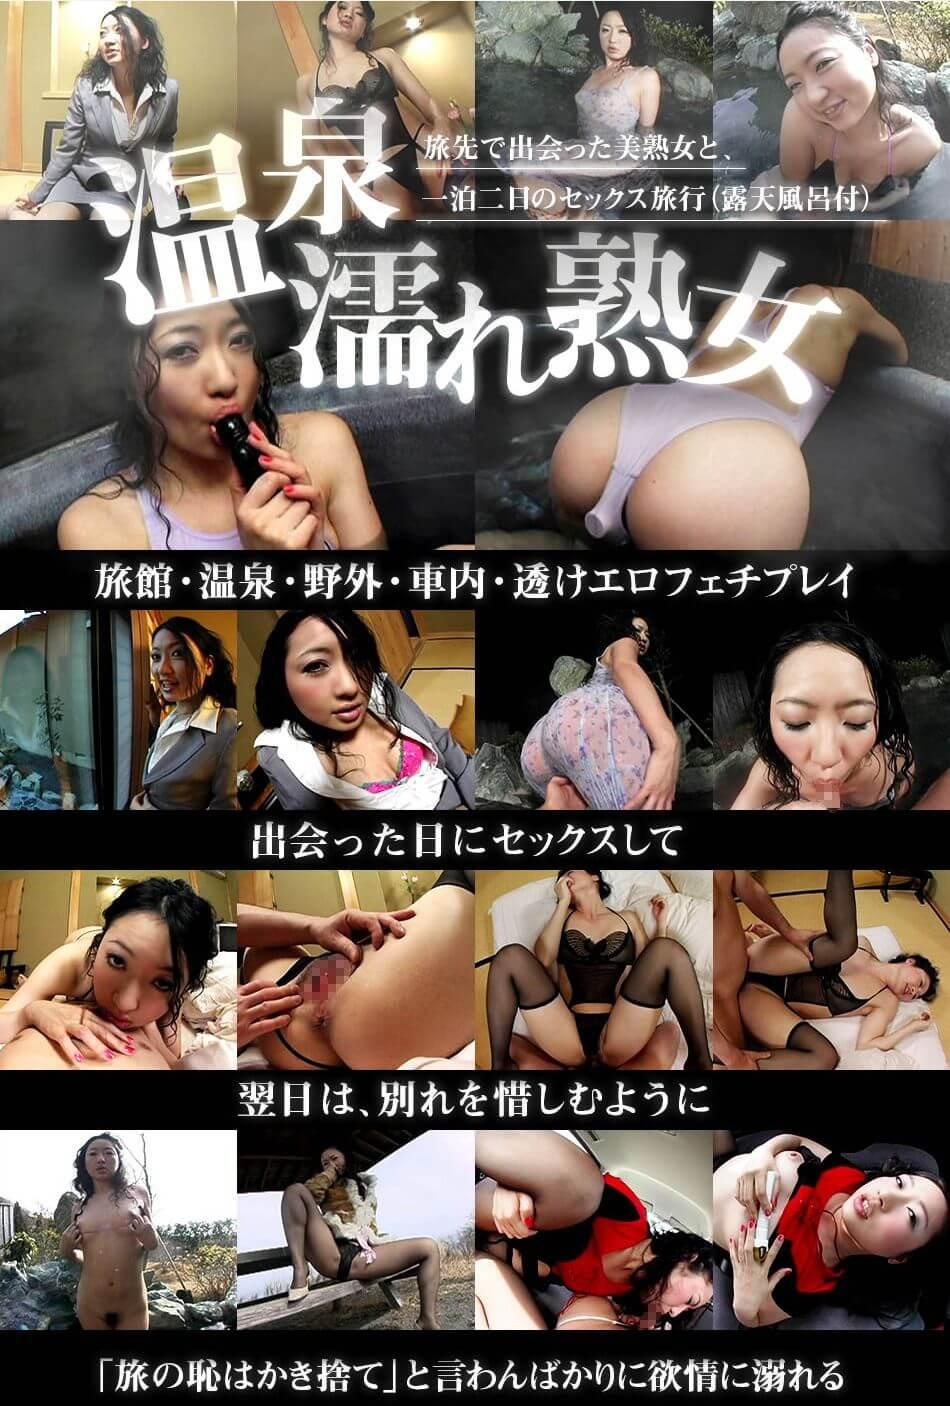 吉本千秋 露天風呂で男を誘う、むちむち巨尻女 無修正 トリプルエックス